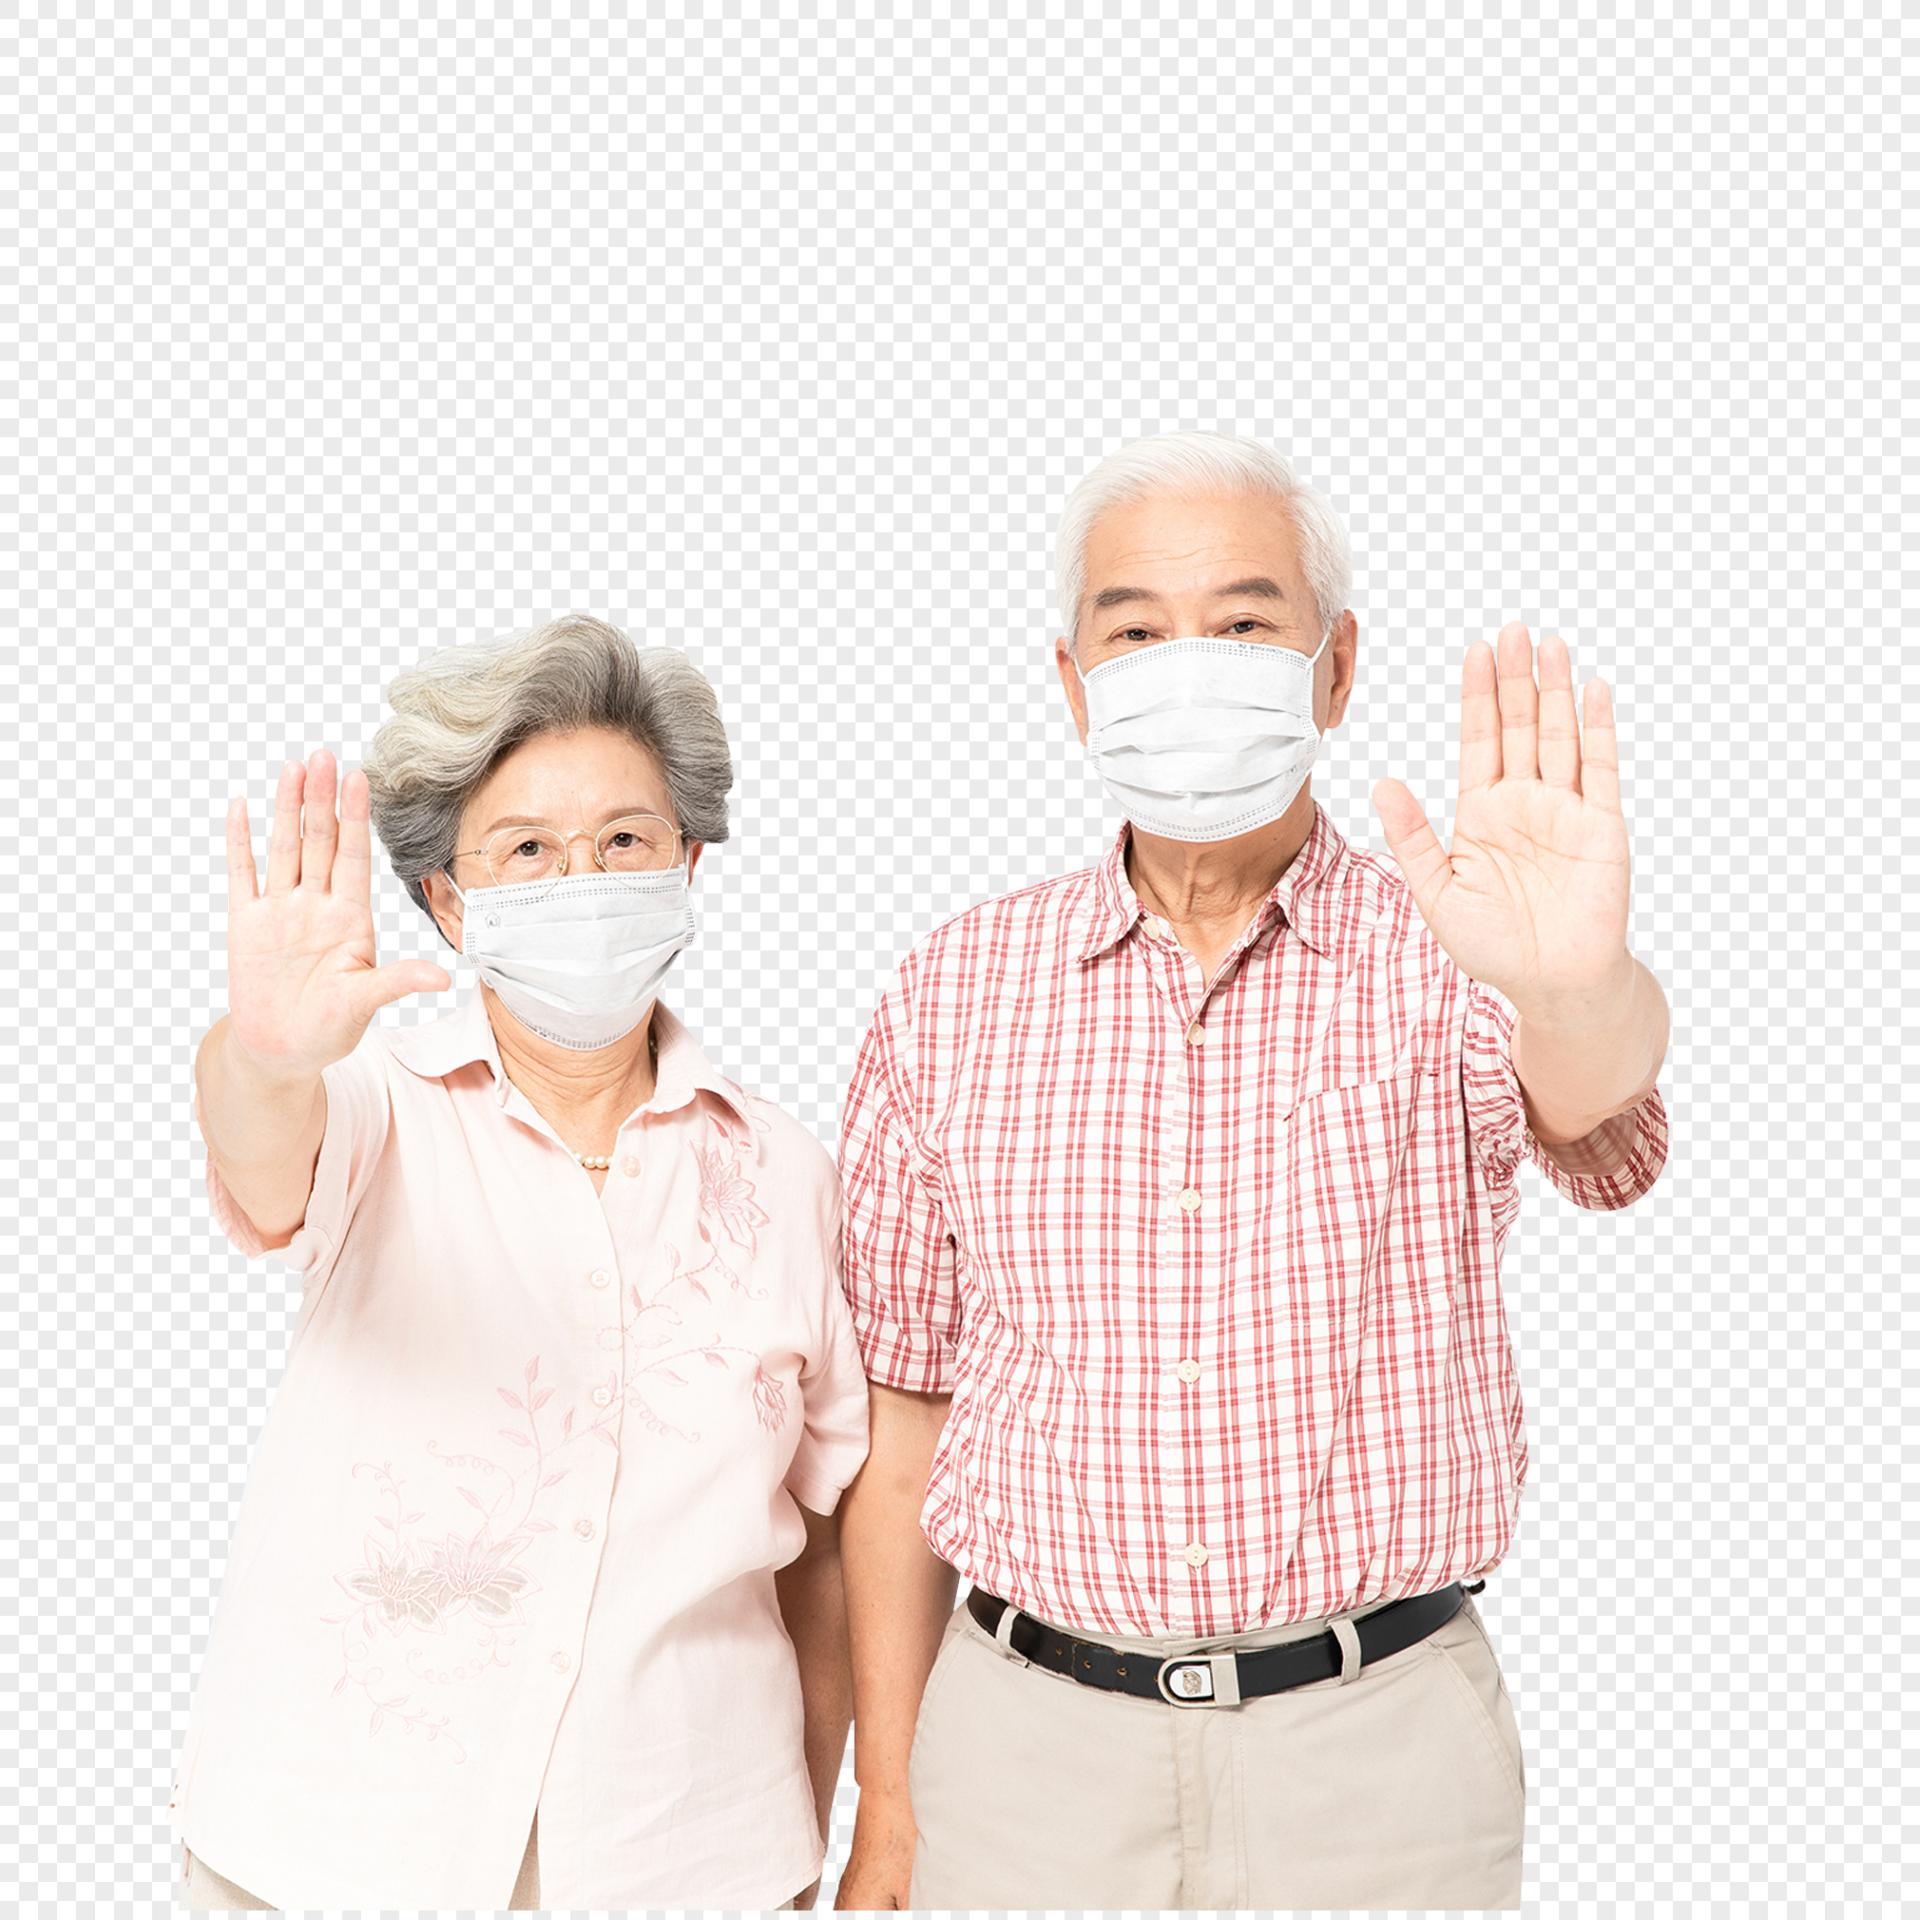 Пожилых граждан призывают к соблюдению режима самоизоляции